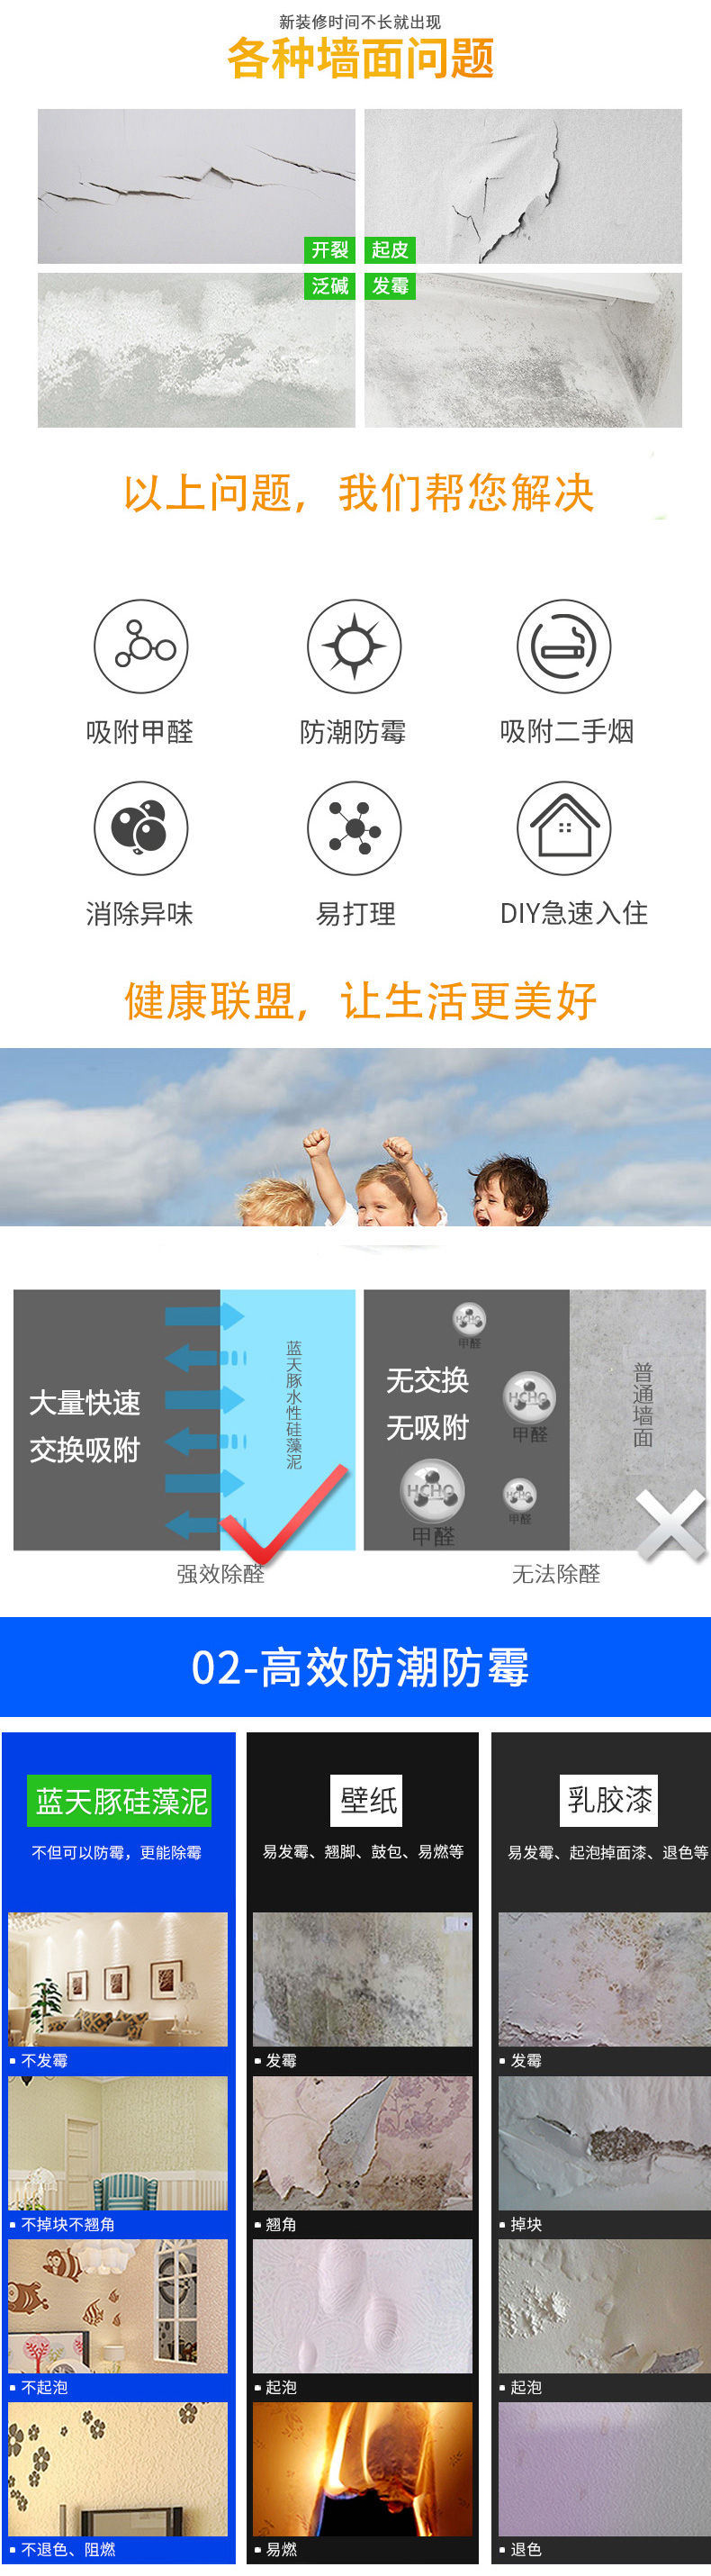 蓝天豚-水性硅藻泥-电商联盟10KG_02.jpg